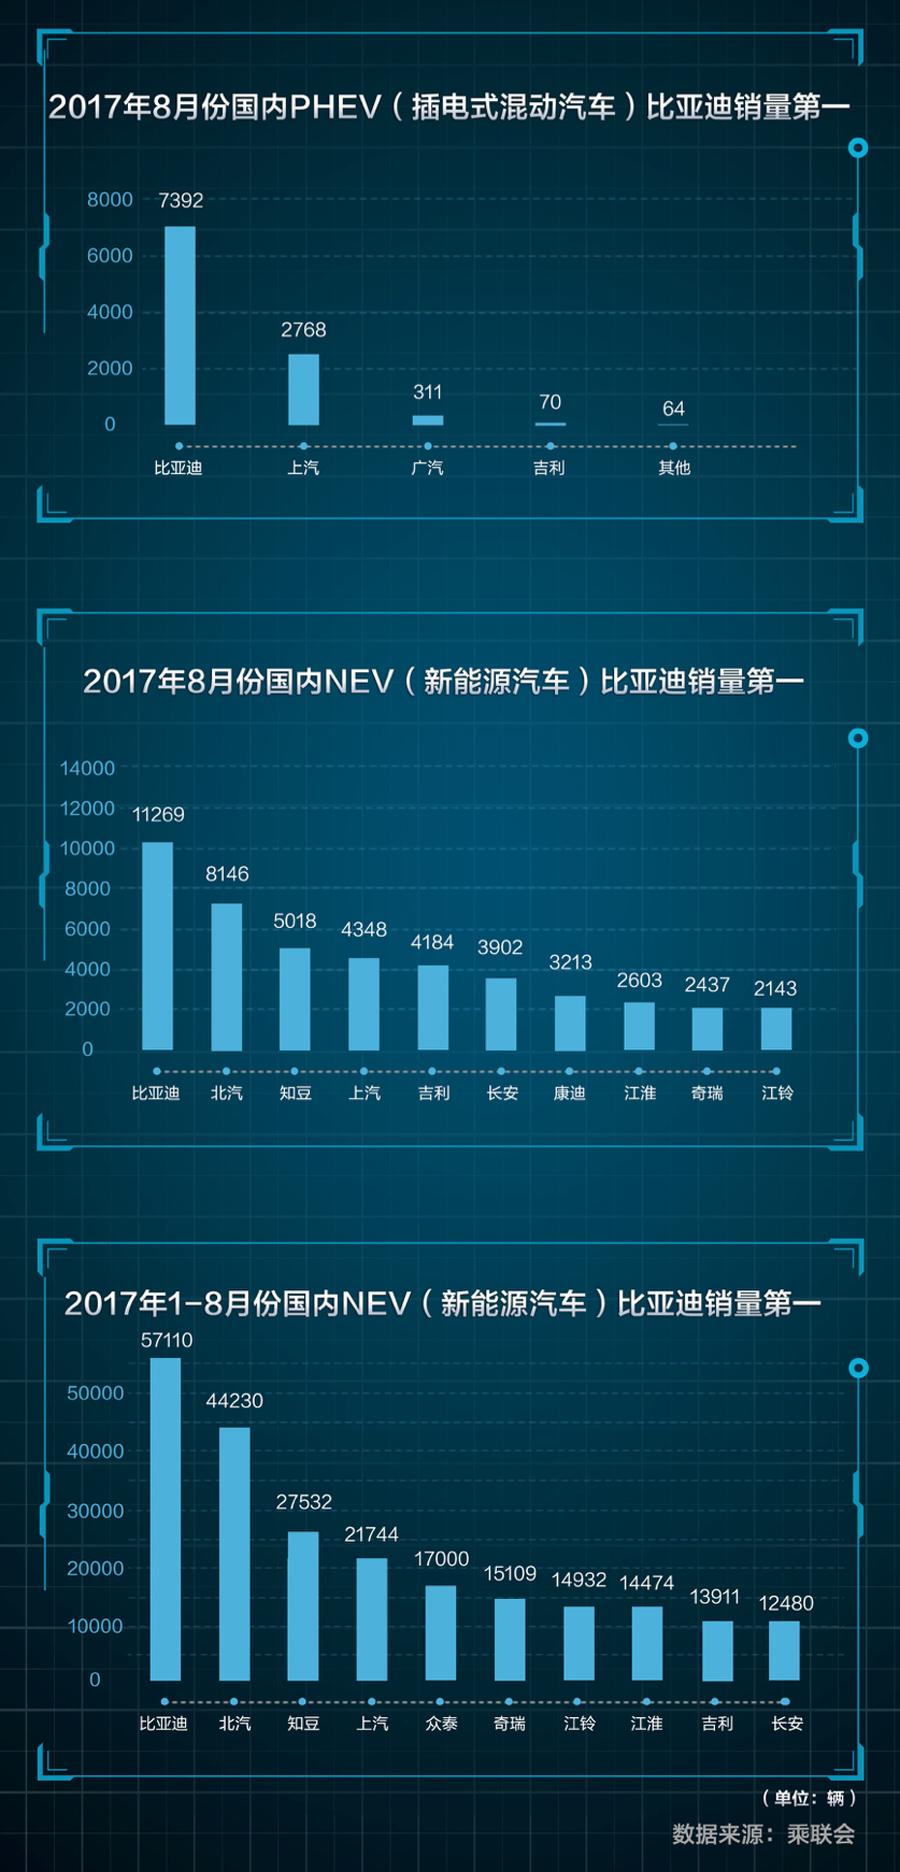 比亚迪再登8月销量榜首 连续4个月三项第一